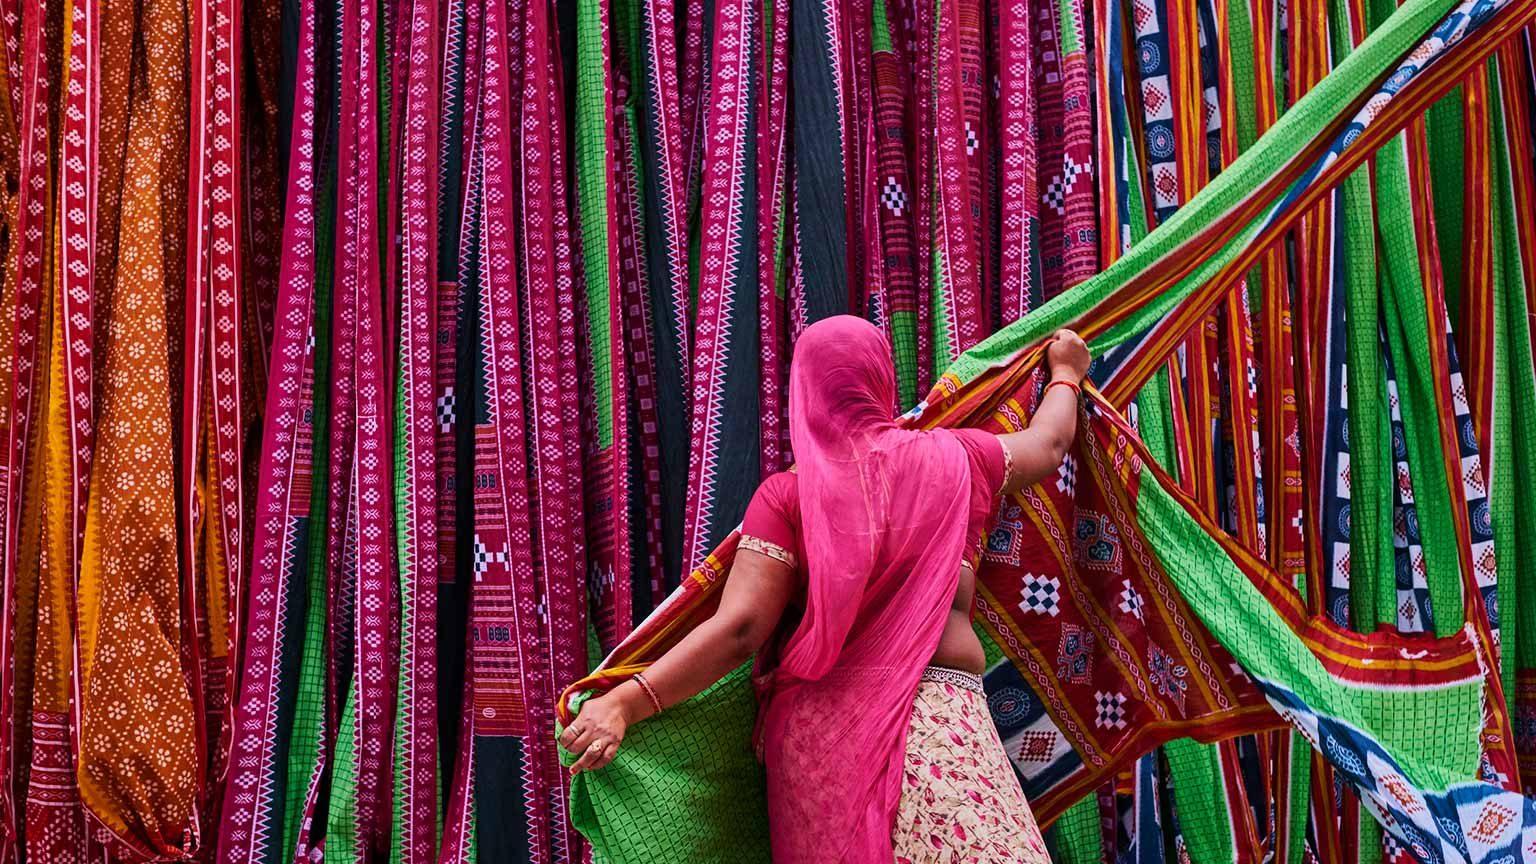 Woman at sari factory in India